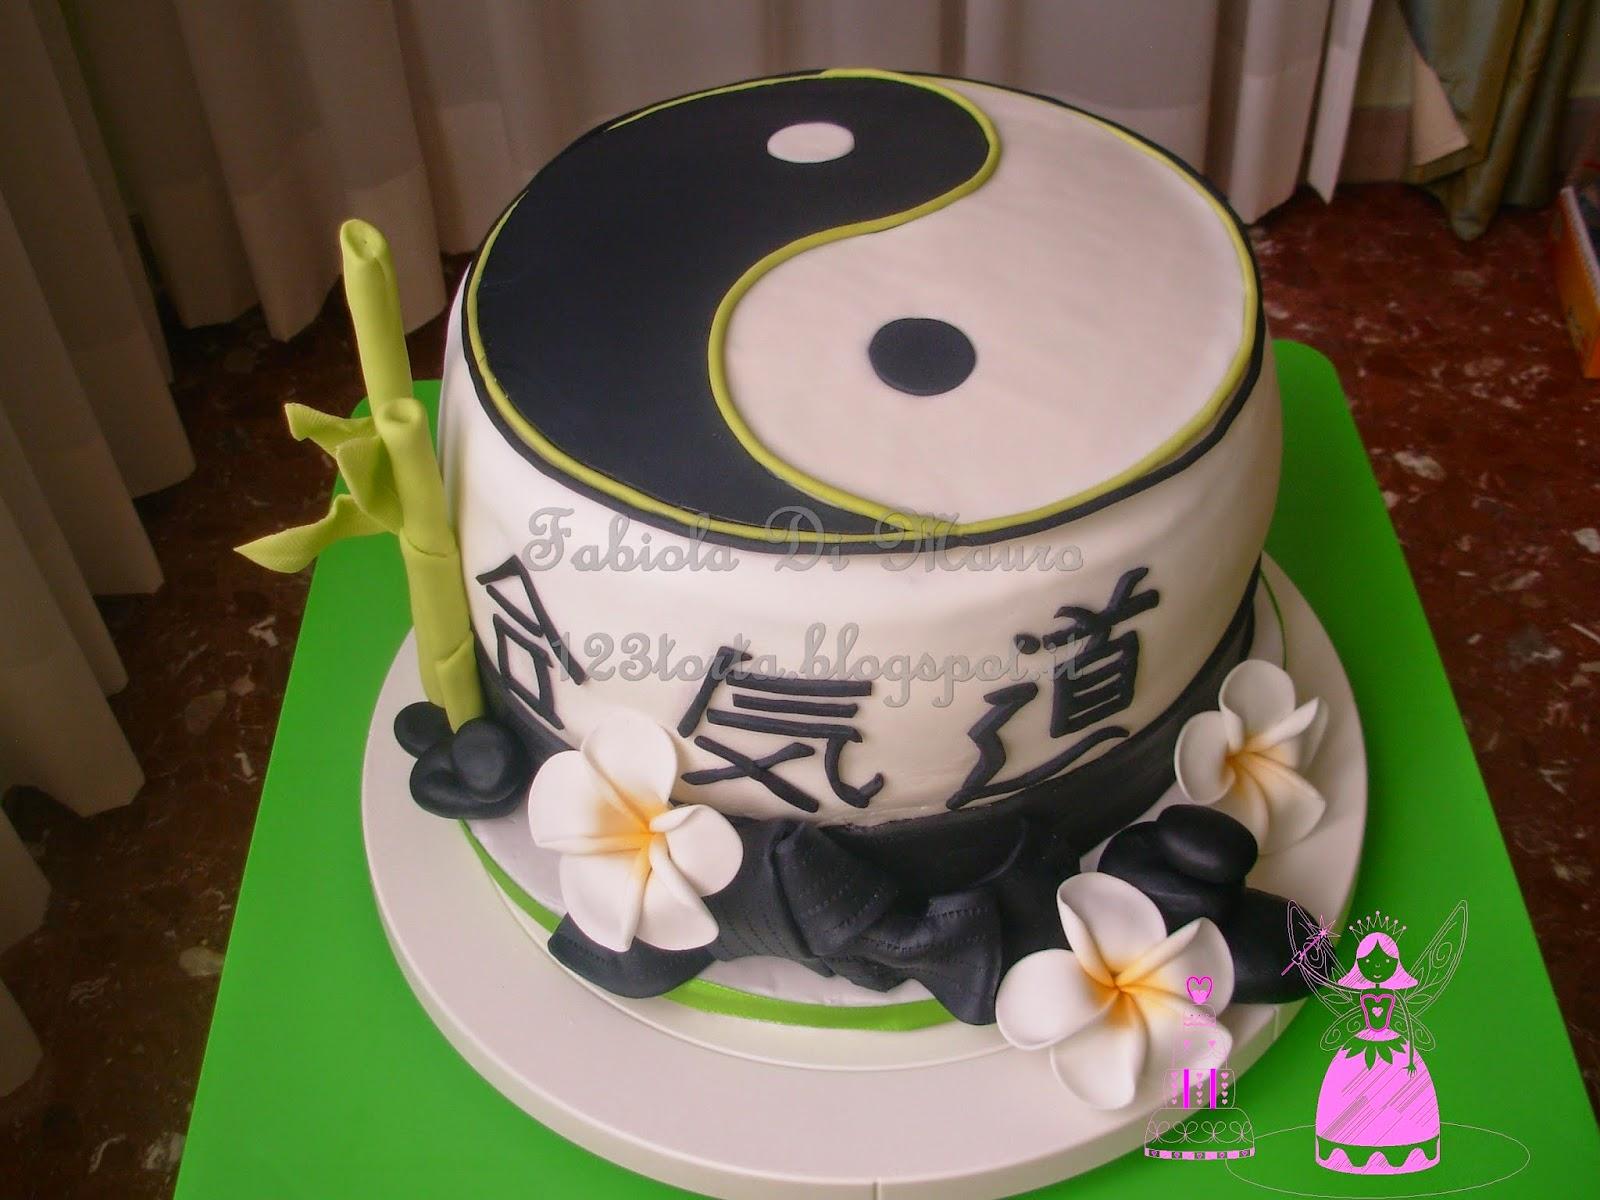 Uno due tre torta aikido armonia con la natura for Arte delle torte clementoni